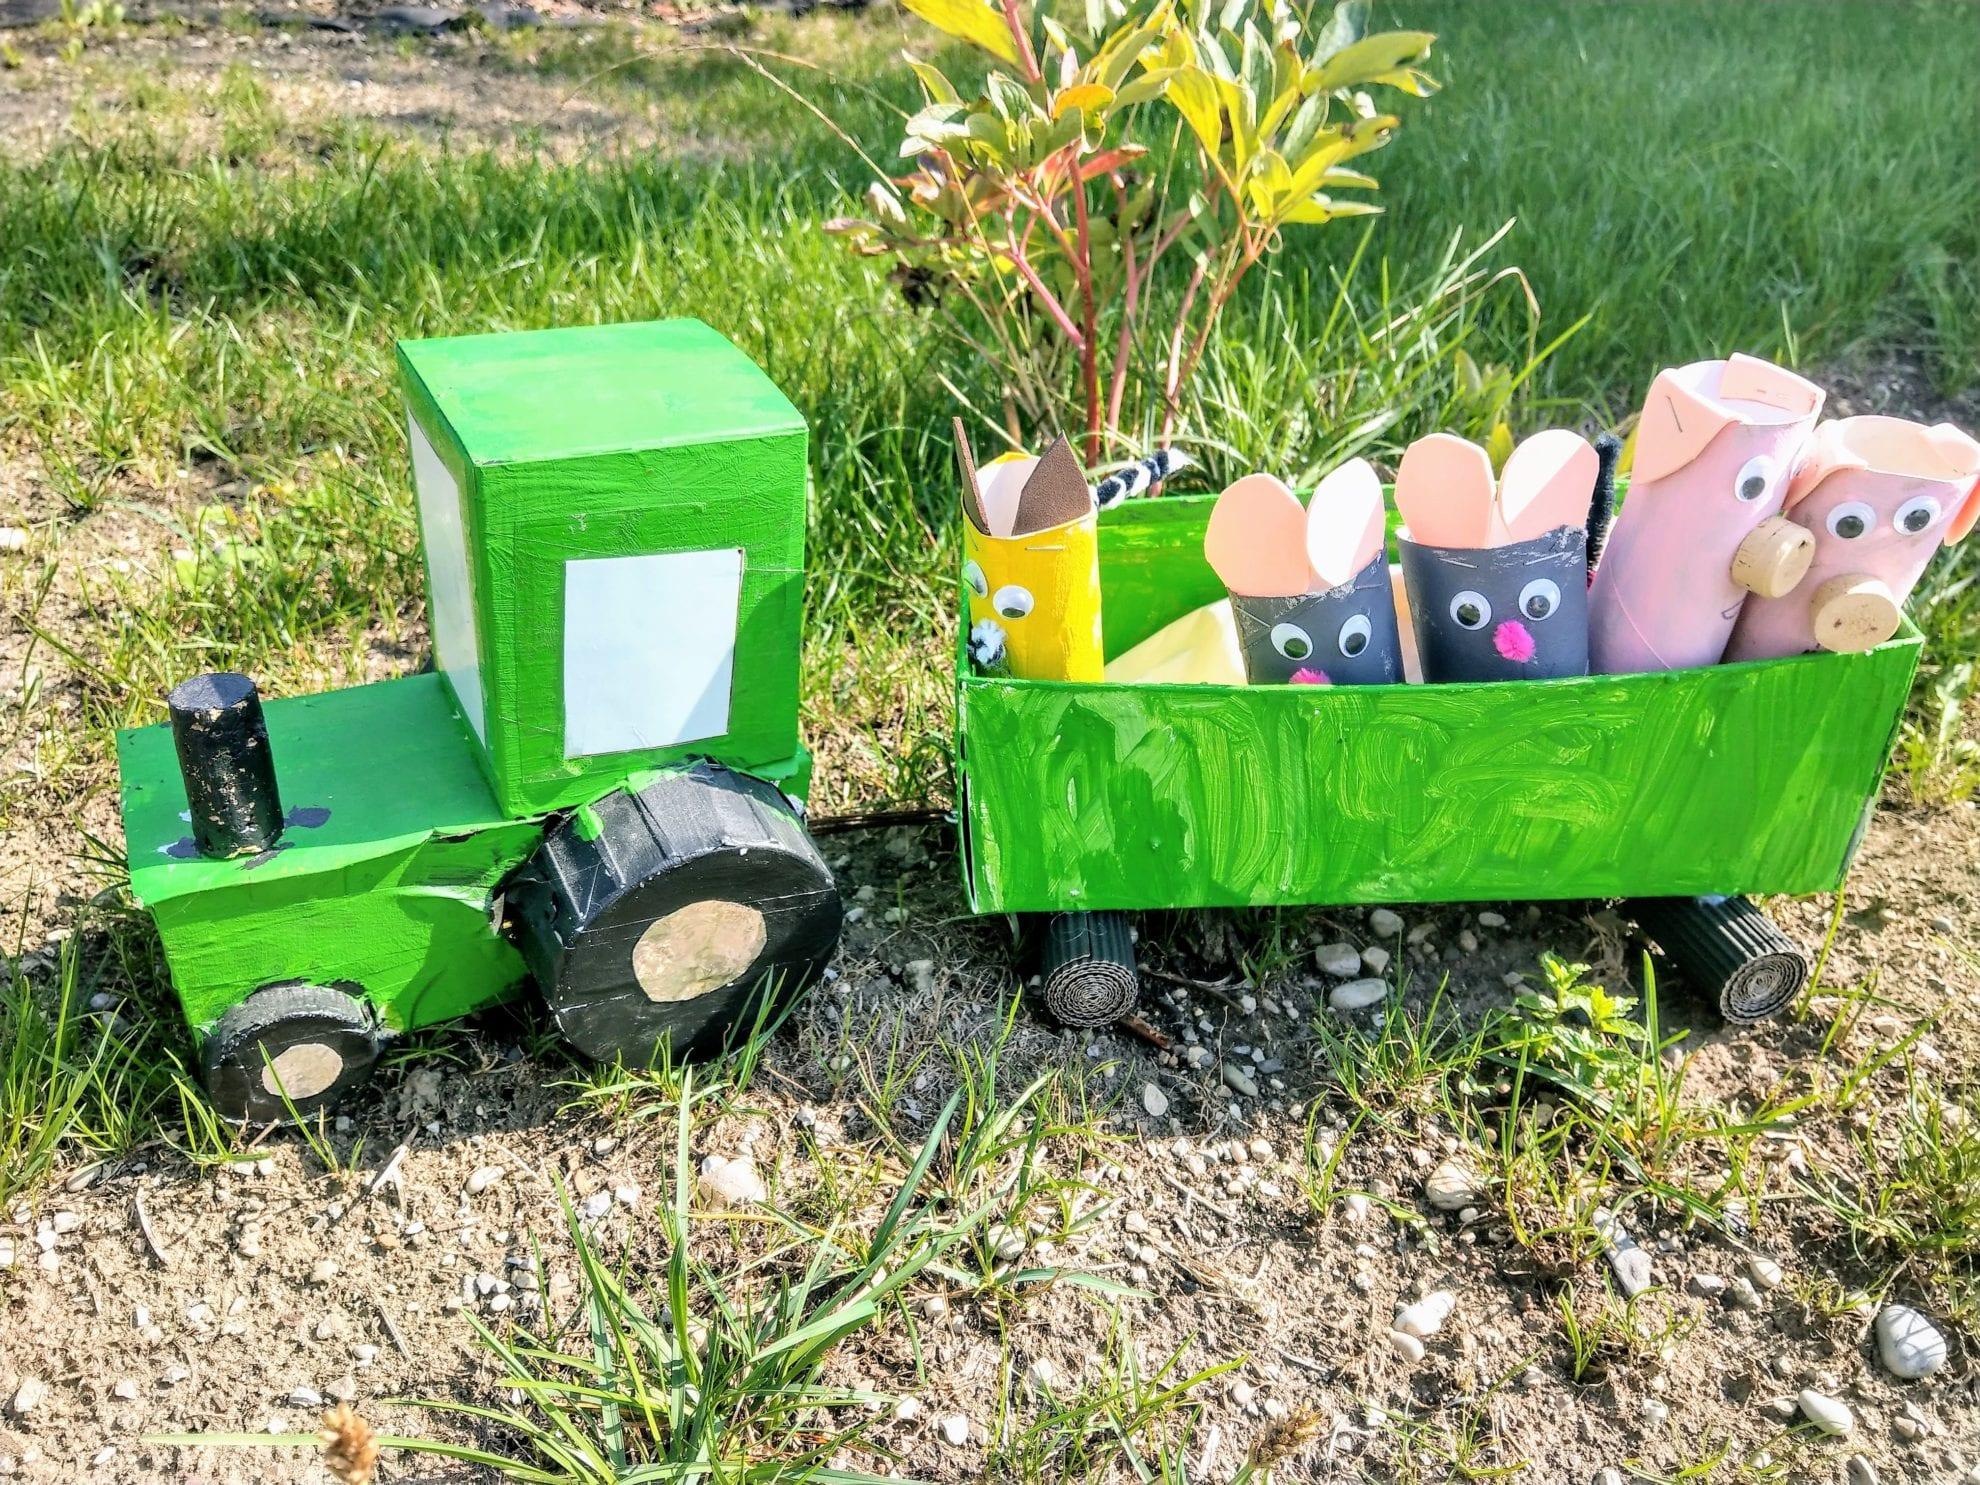 Bauernhoftiere aus Klorollen sind ein tolles Bastelprojekt für trübe Regentage. Die Bastelanleitung ist einfach gehalten und es entstehen tolle Spielkameraden, die gute Laune herbeizaubern.